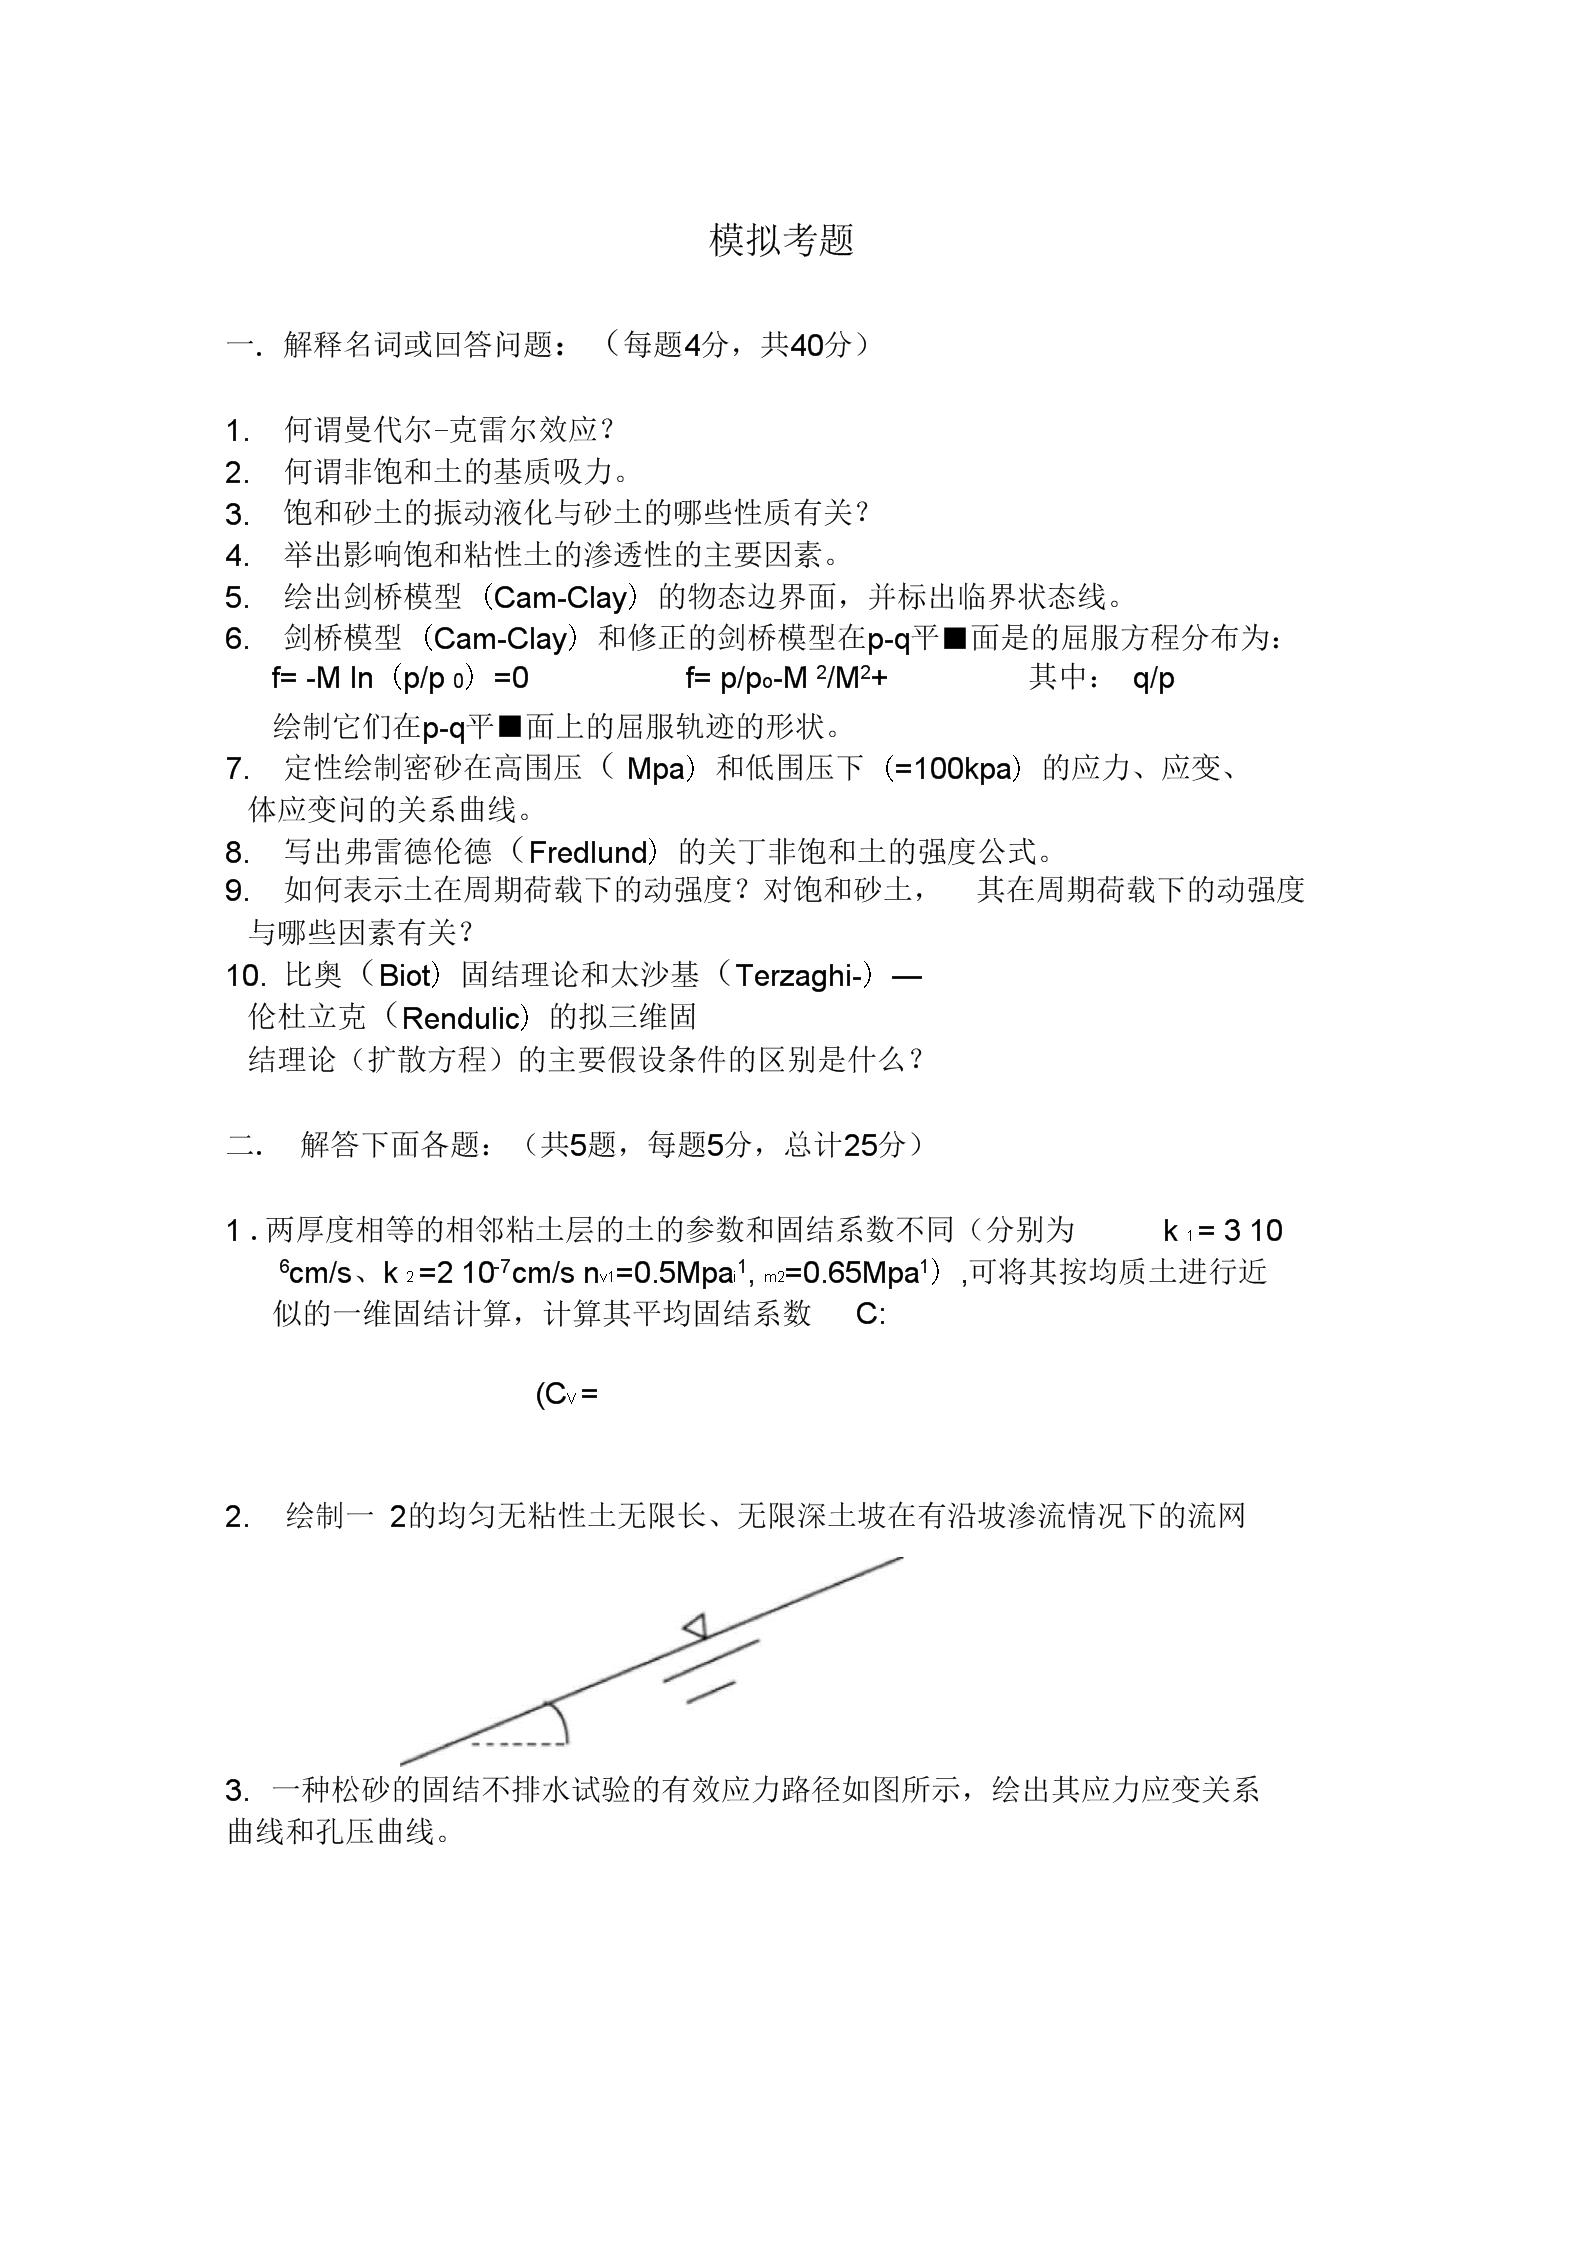 高等土力学模拟考题1及答案教学提纲.docx